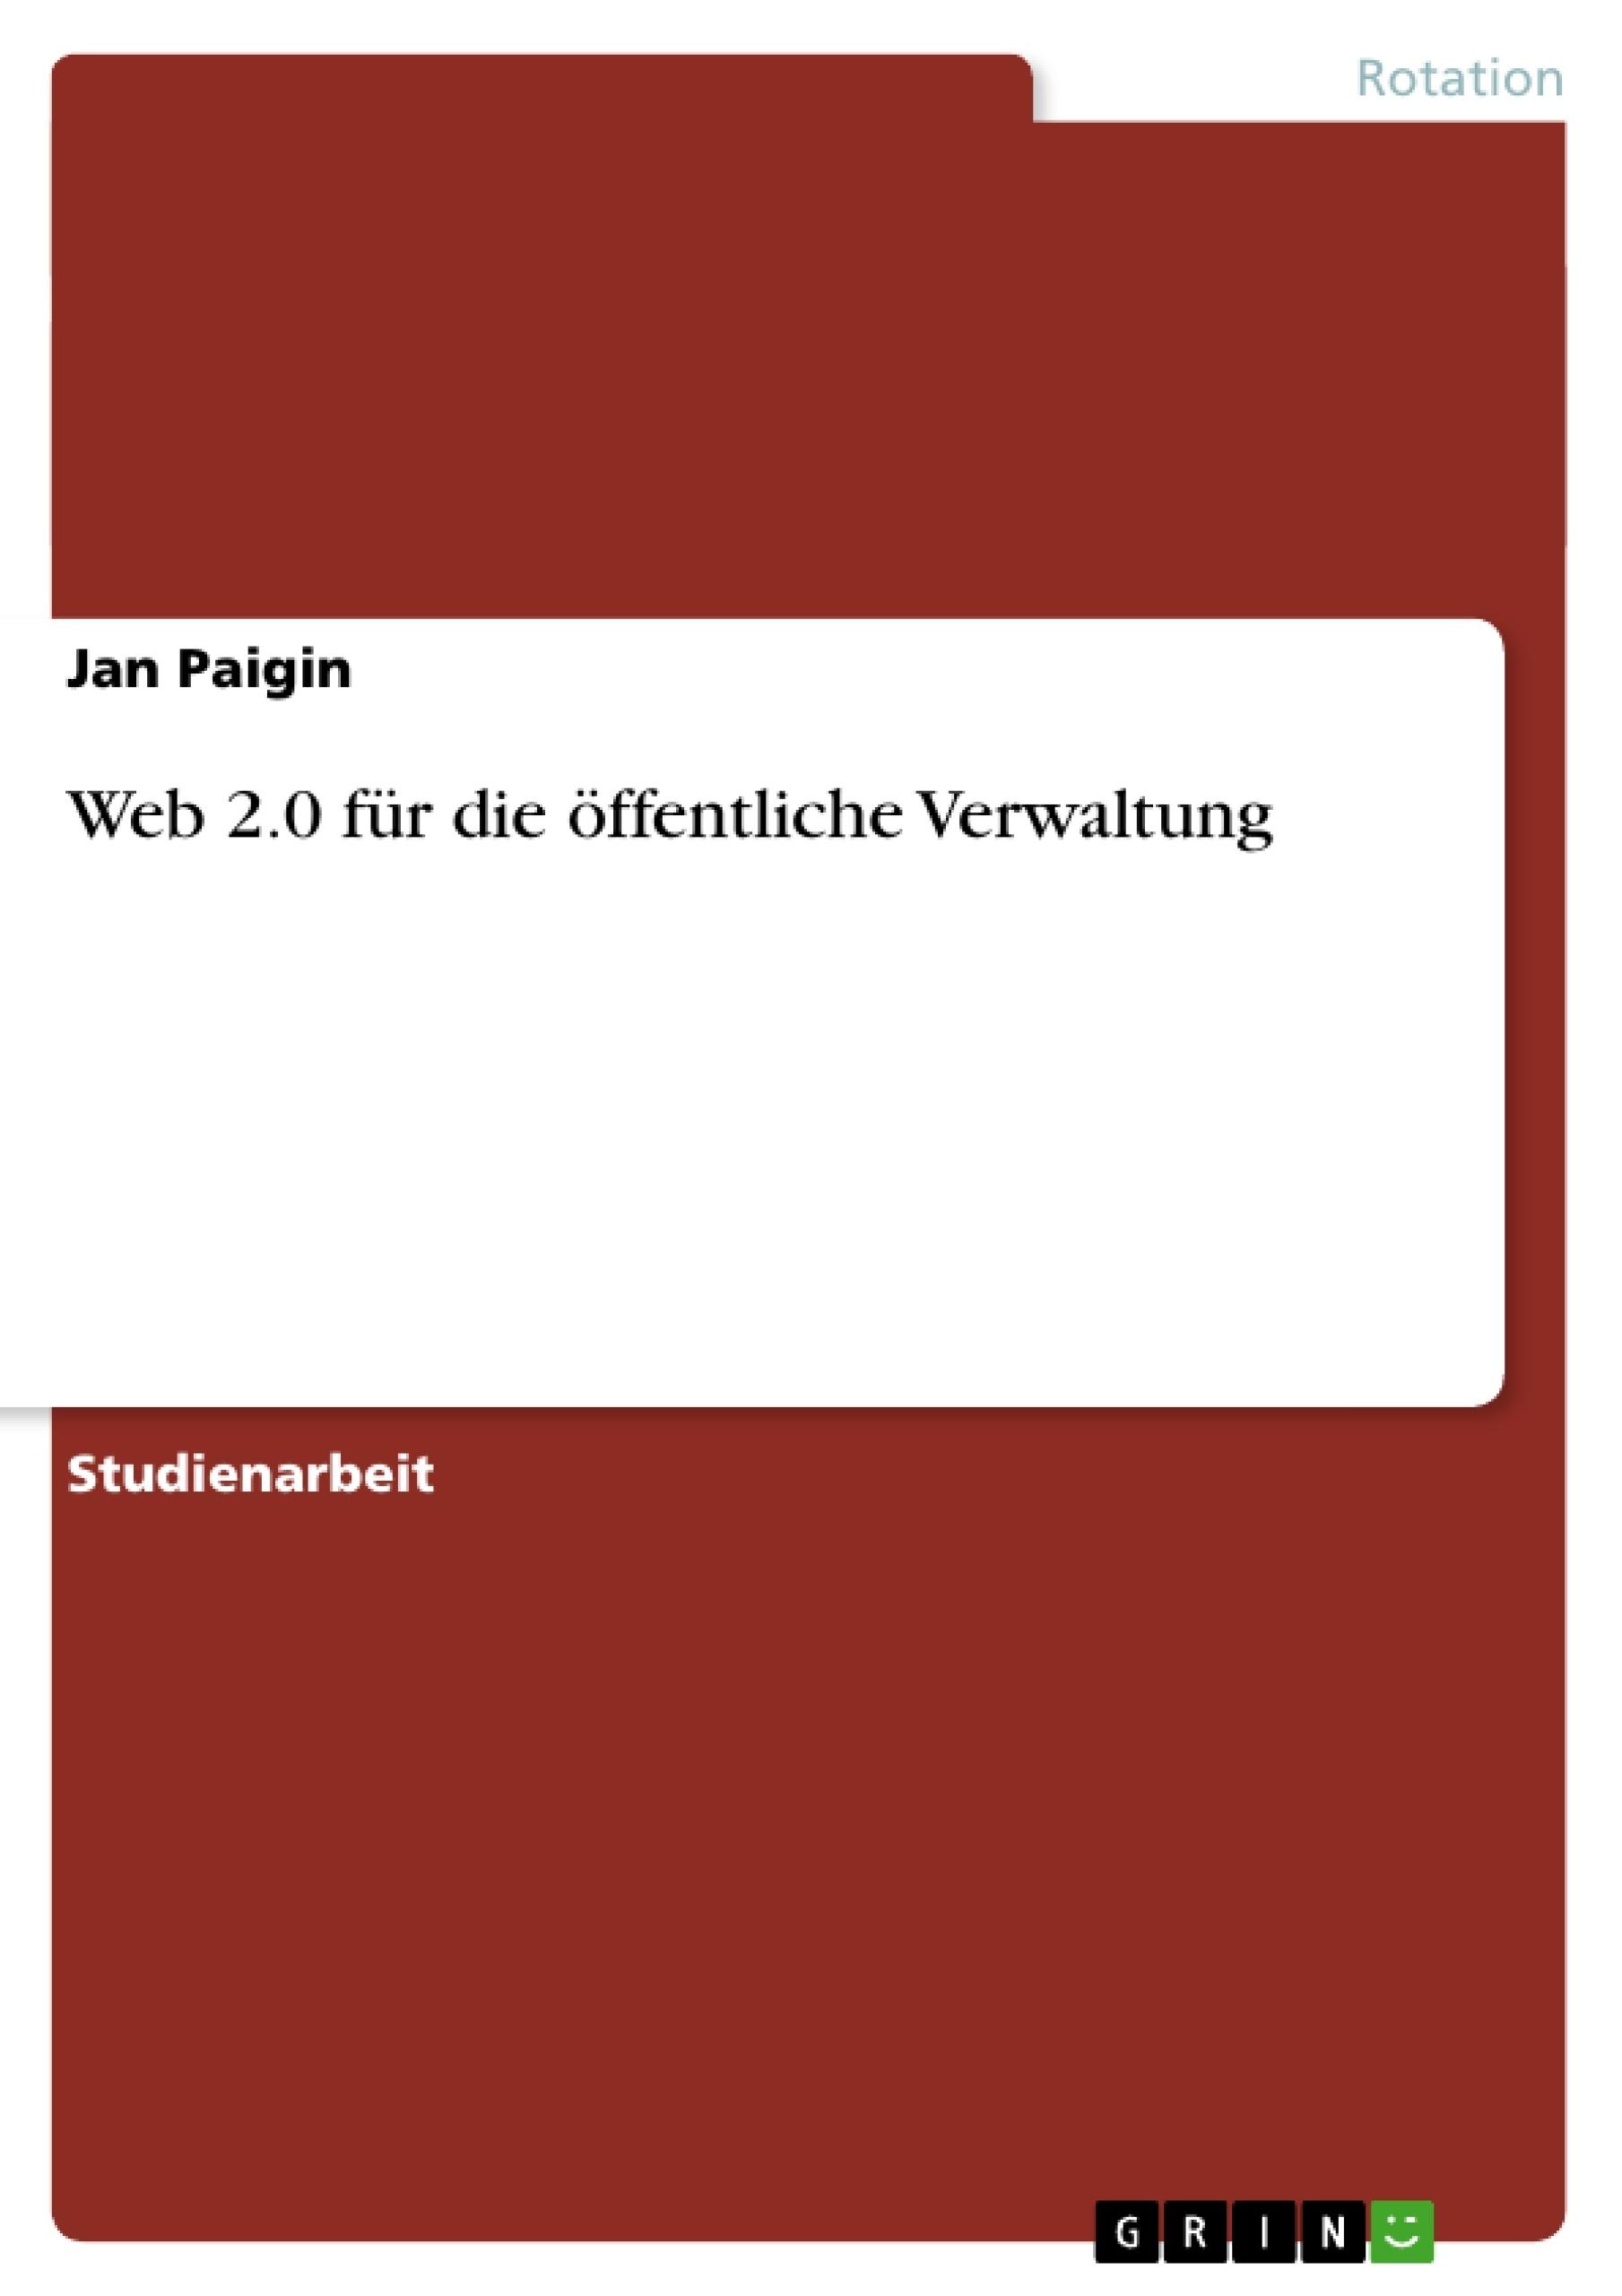 Titel: Web 2.0 für die öffentliche Verwaltung